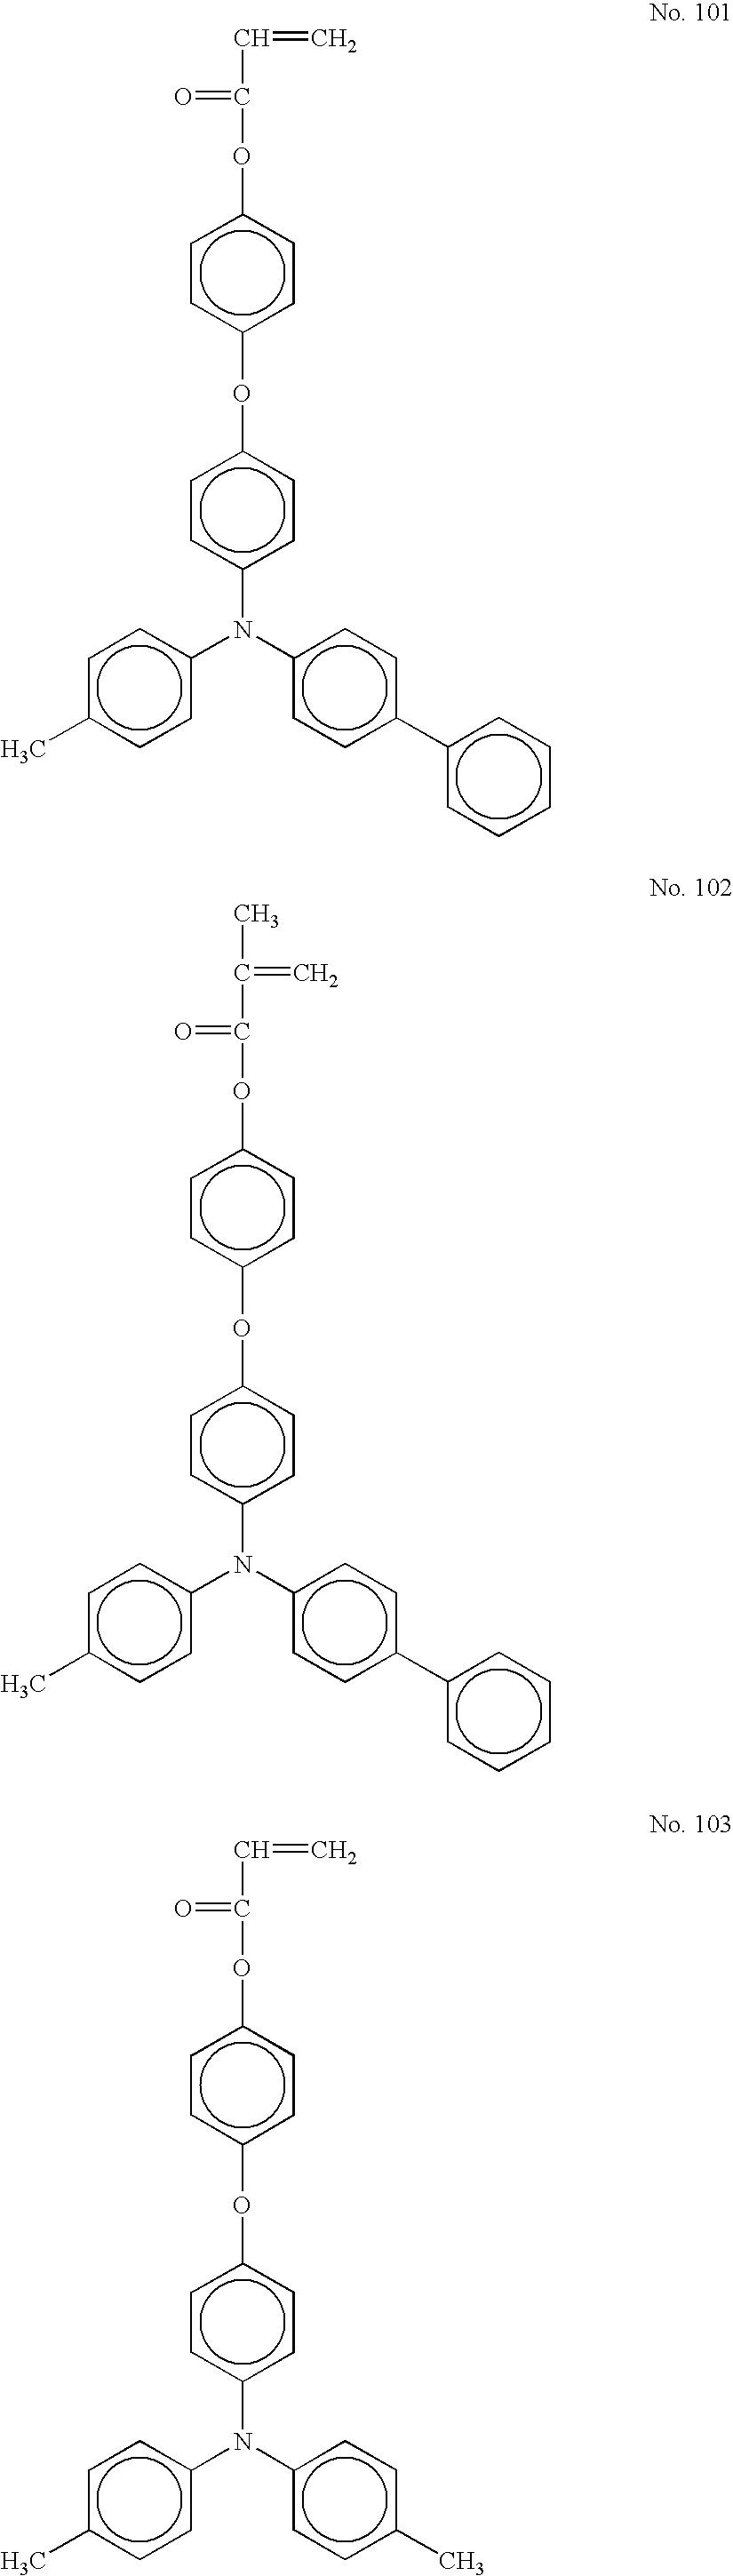 Figure US20050158641A1-20050721-C00048